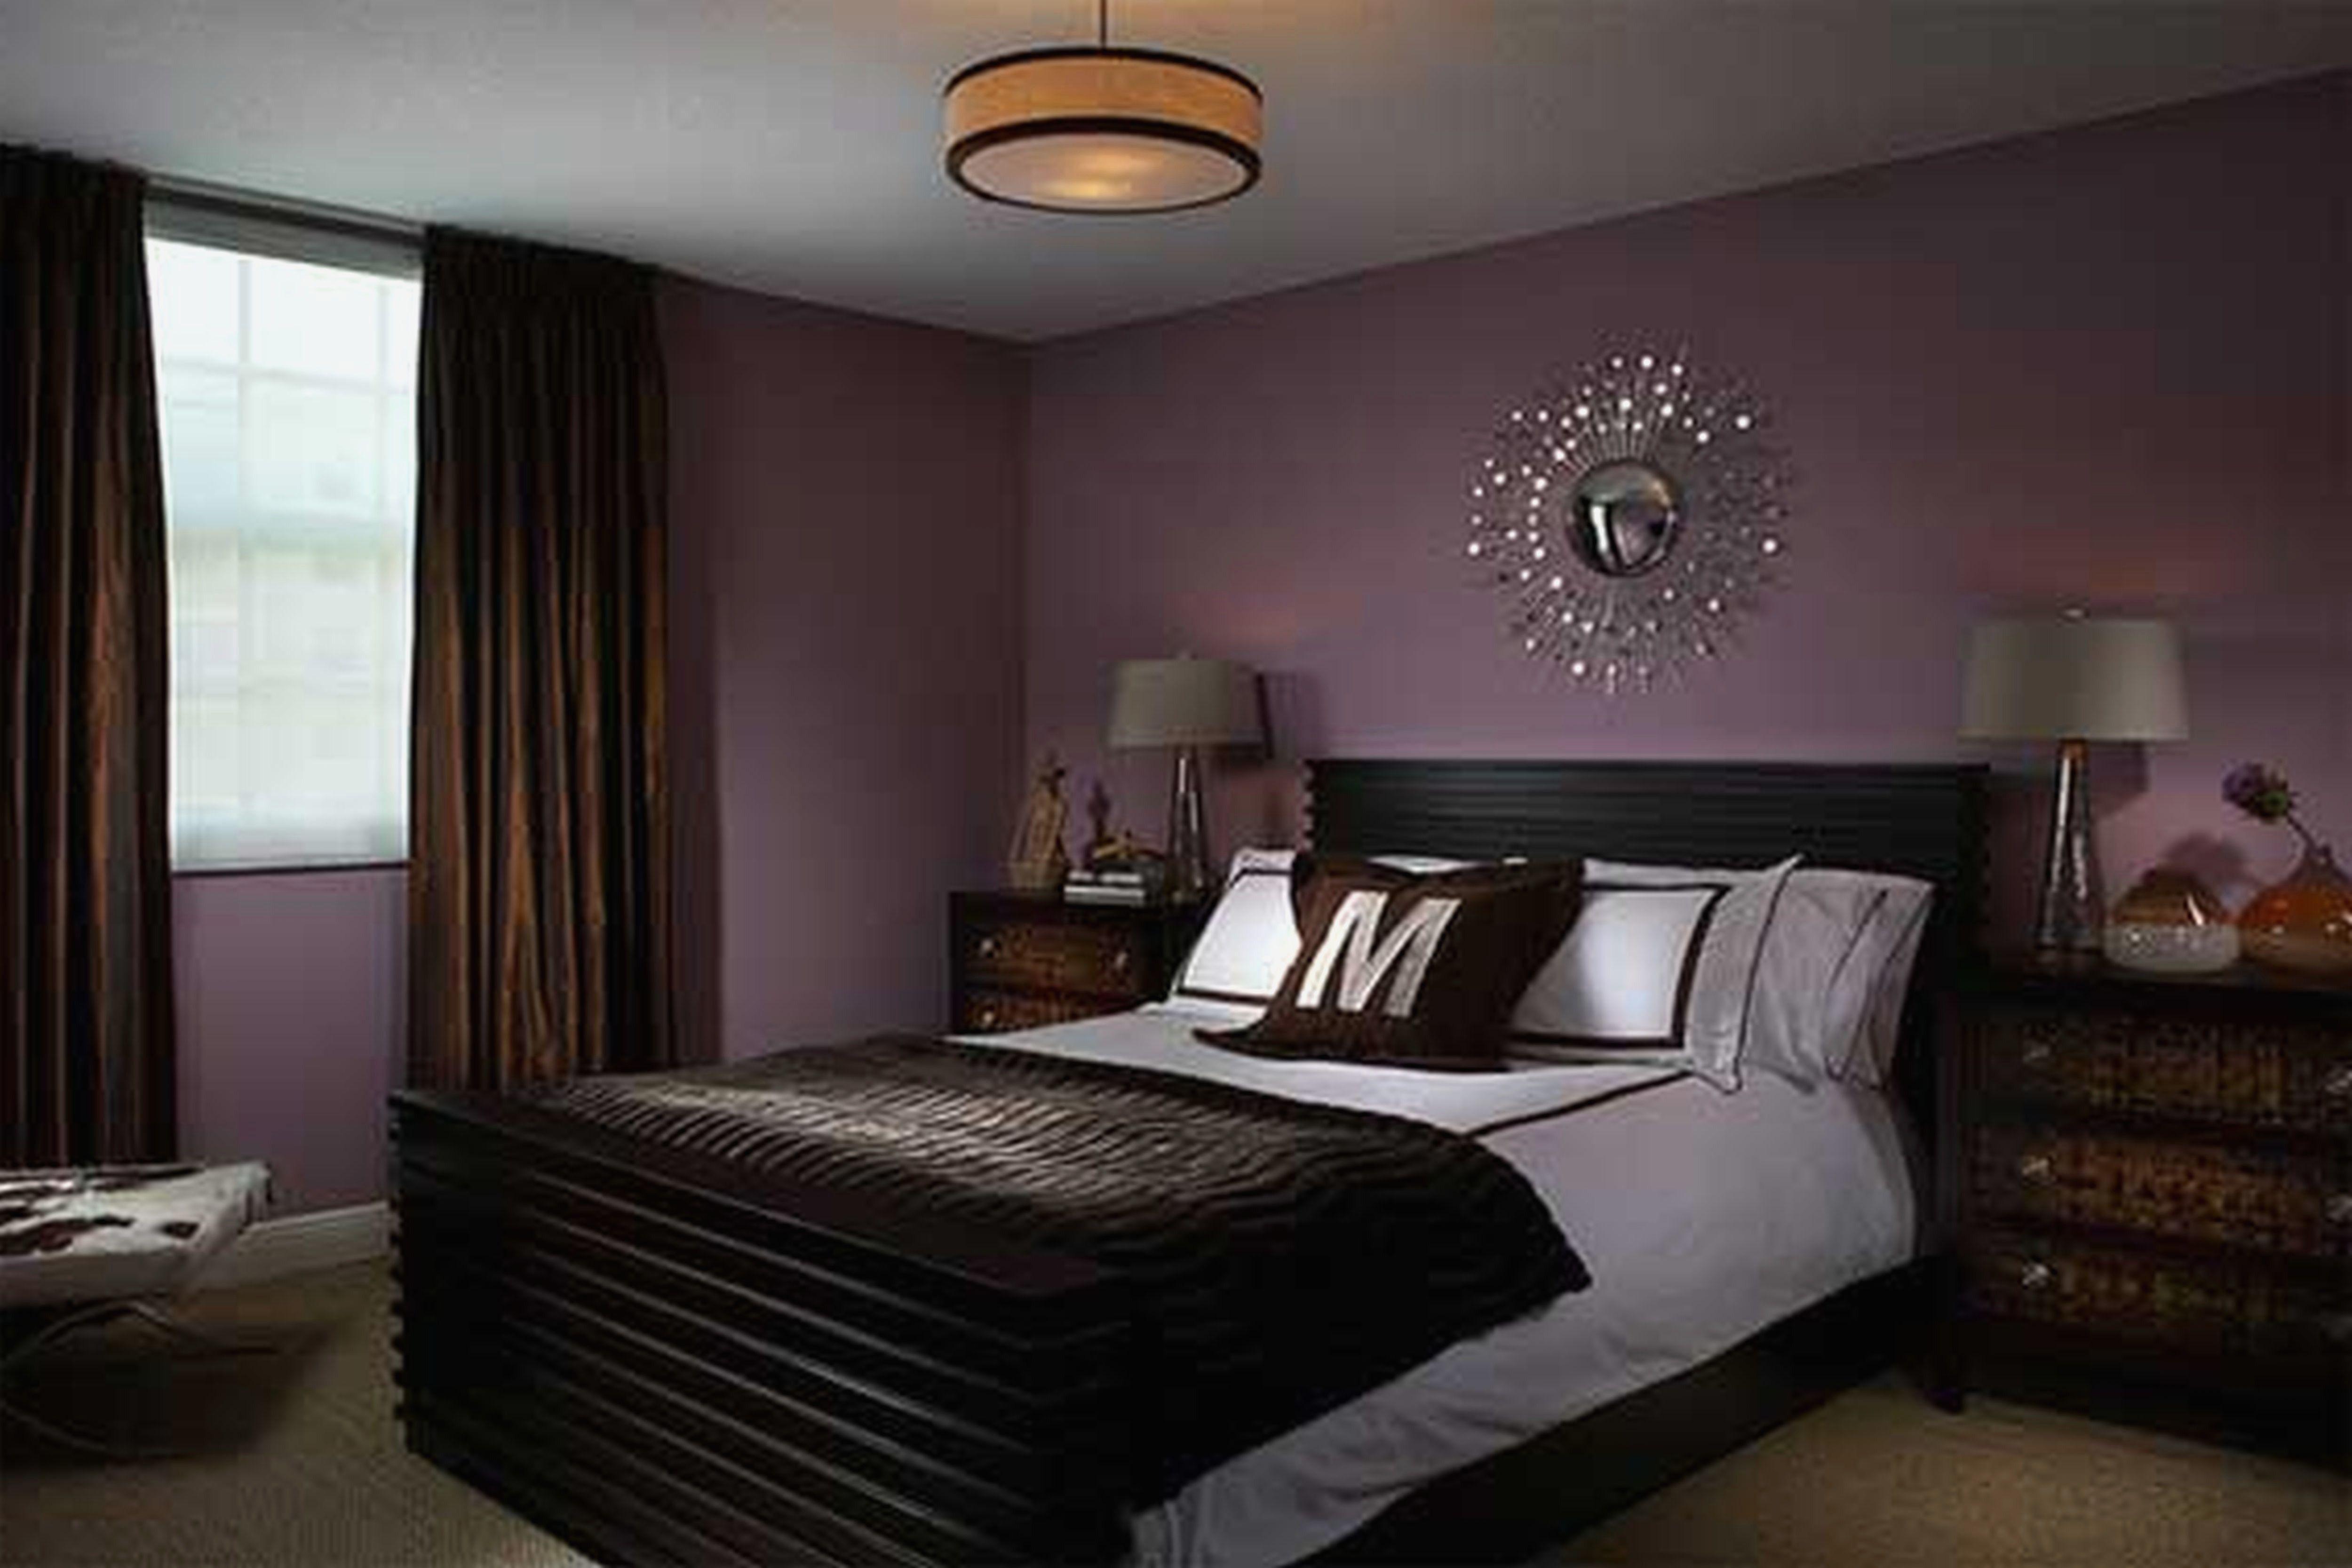 Lila Schlafzimmer #Kamin (mit Bildern) | Schlafzimmer ...